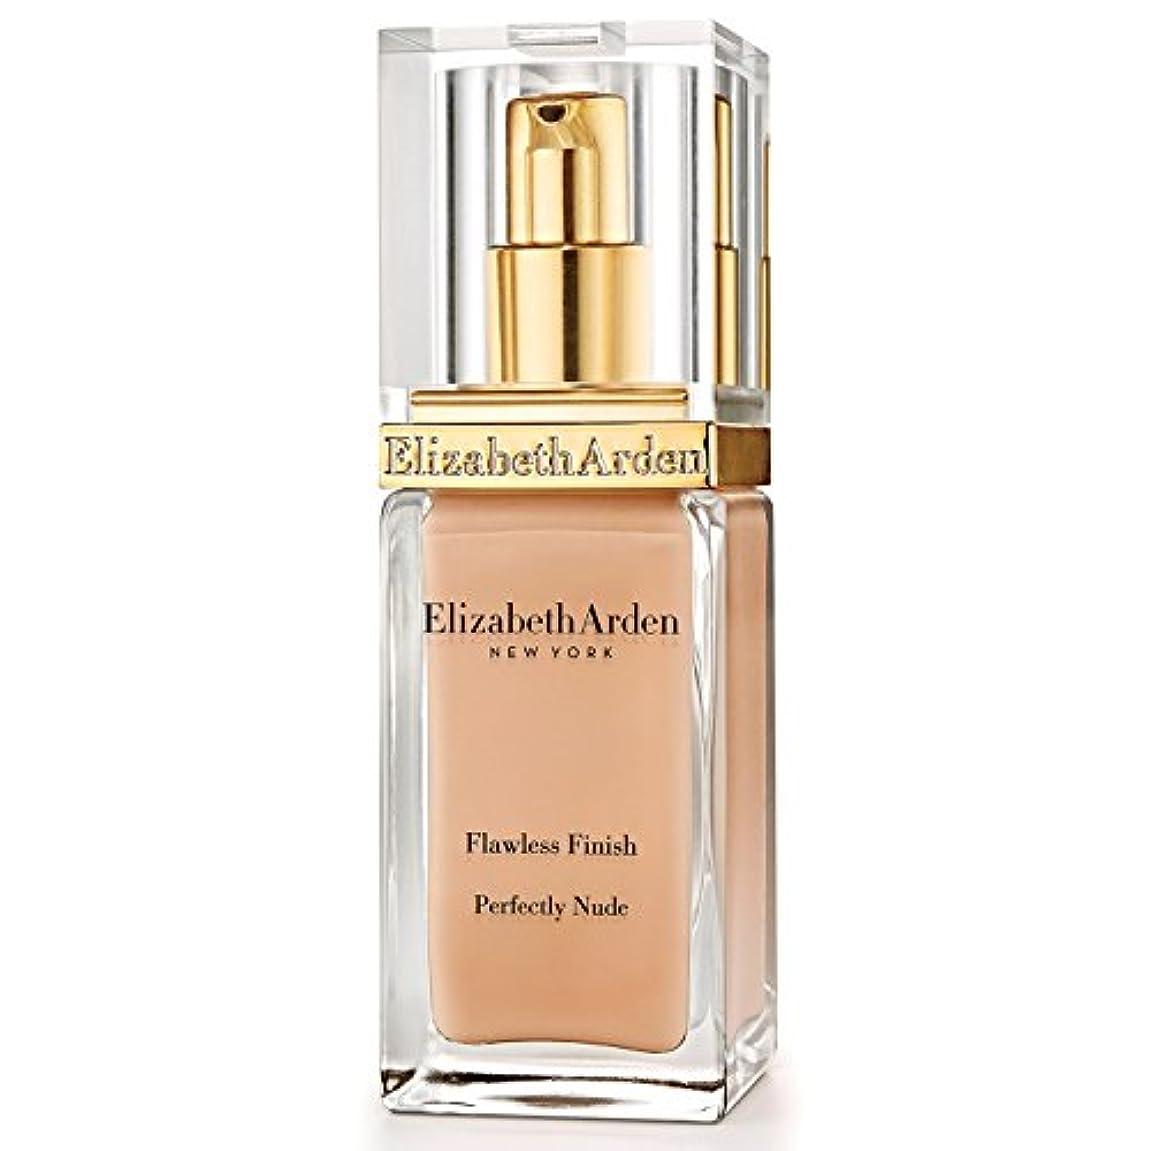 贅沢社会科パラナ川Elizabeth Arden Flawless Finish Perfectly Nude Foundation SPF 15 Vanilla Shake - エリザベスは、完璧な仕上がり完璧ヌードファンデーション 15バニラシェイクをアーデン [並行輸入品]